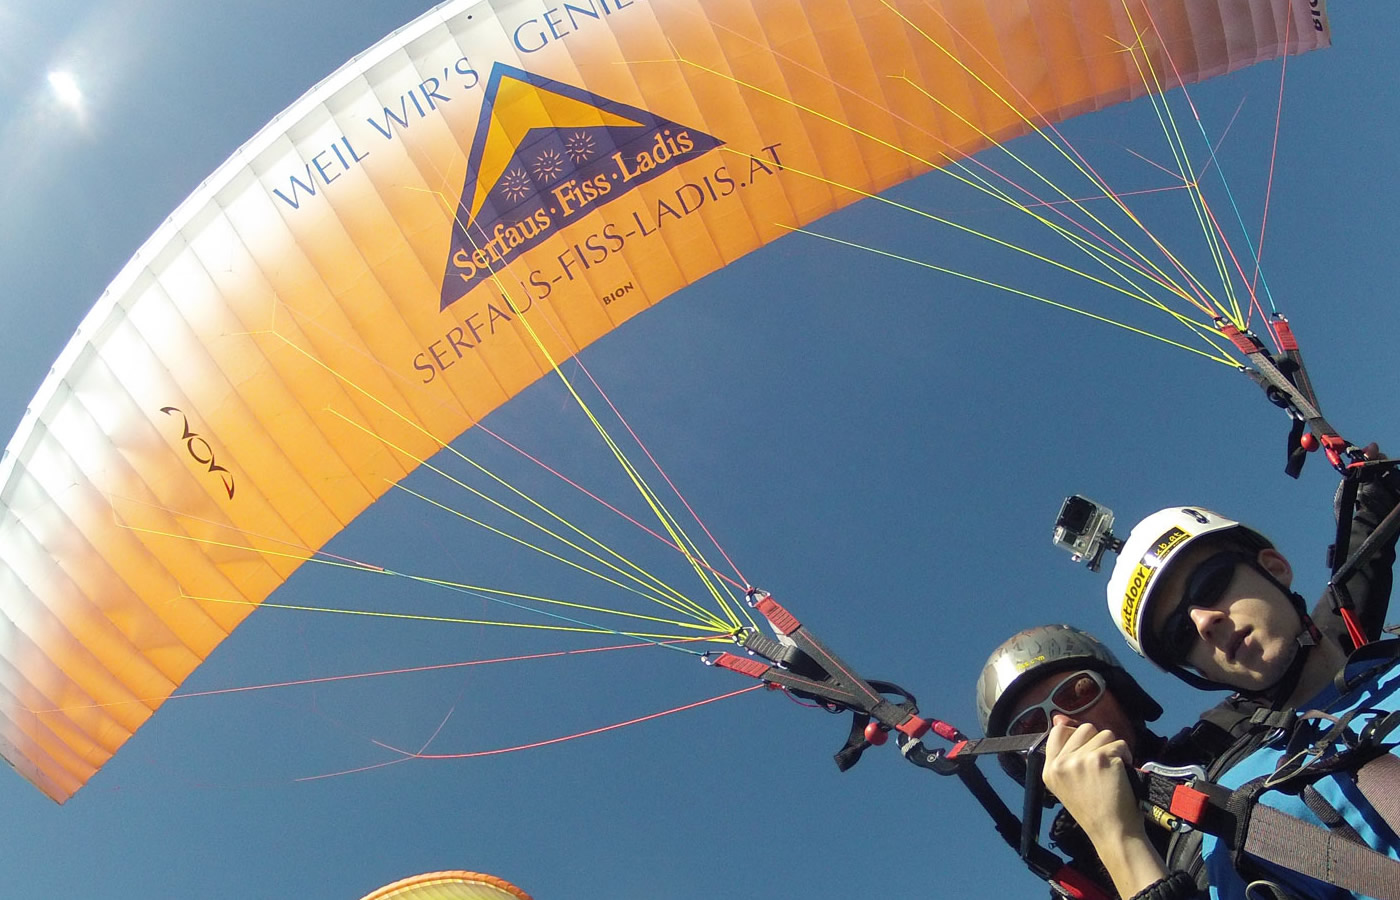 Paraglider in Fiss, Tirol. Tandemfliegen über dem Hotel Natürlich in Fiss.